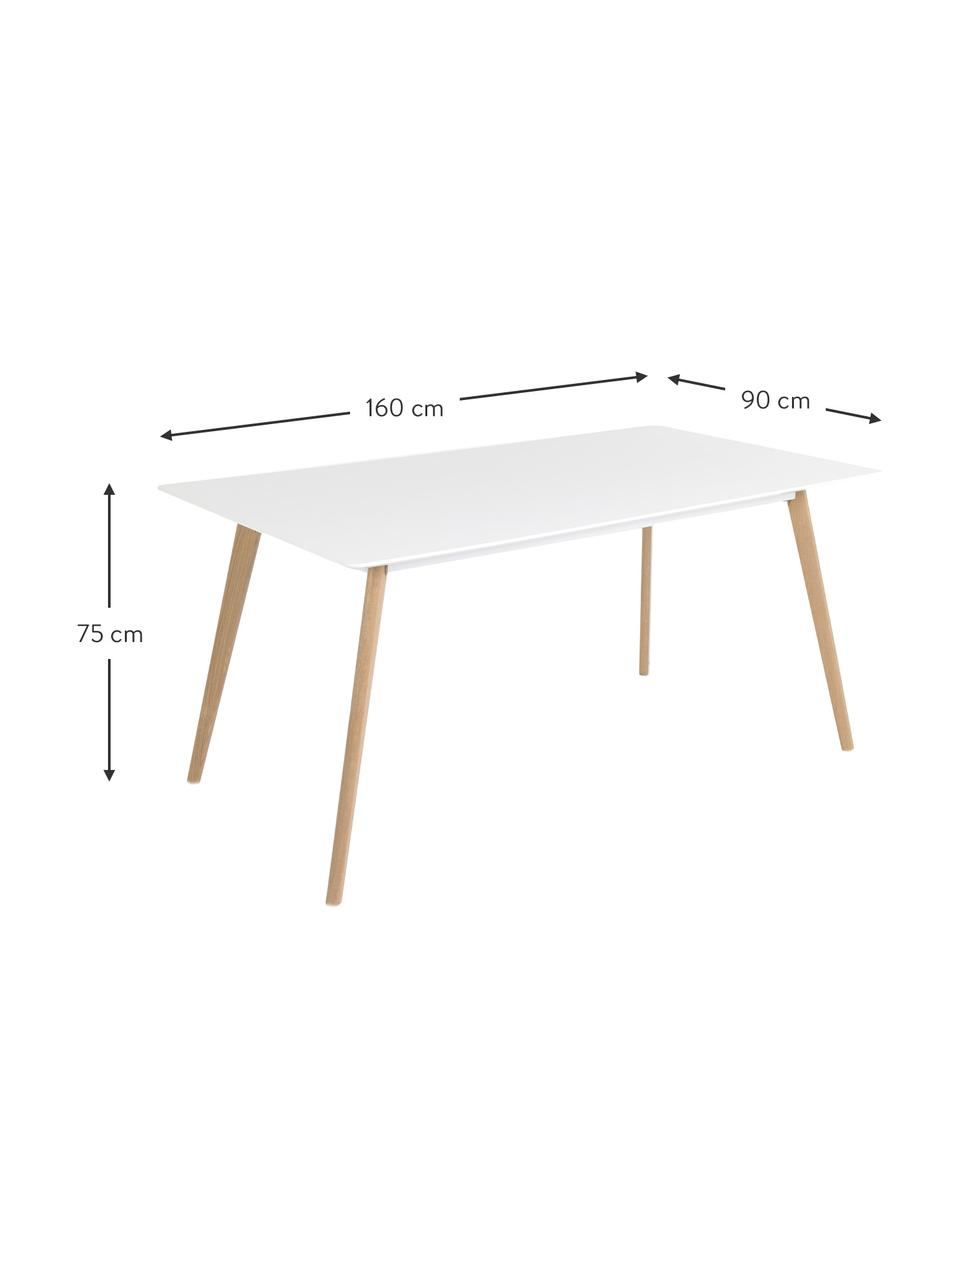 Esstisch Flamy im Skandi-Design, Tischplatte: Mitteldichte Holzfaserpla, Weiß, Eichenholz, B 160 x T 90 cm